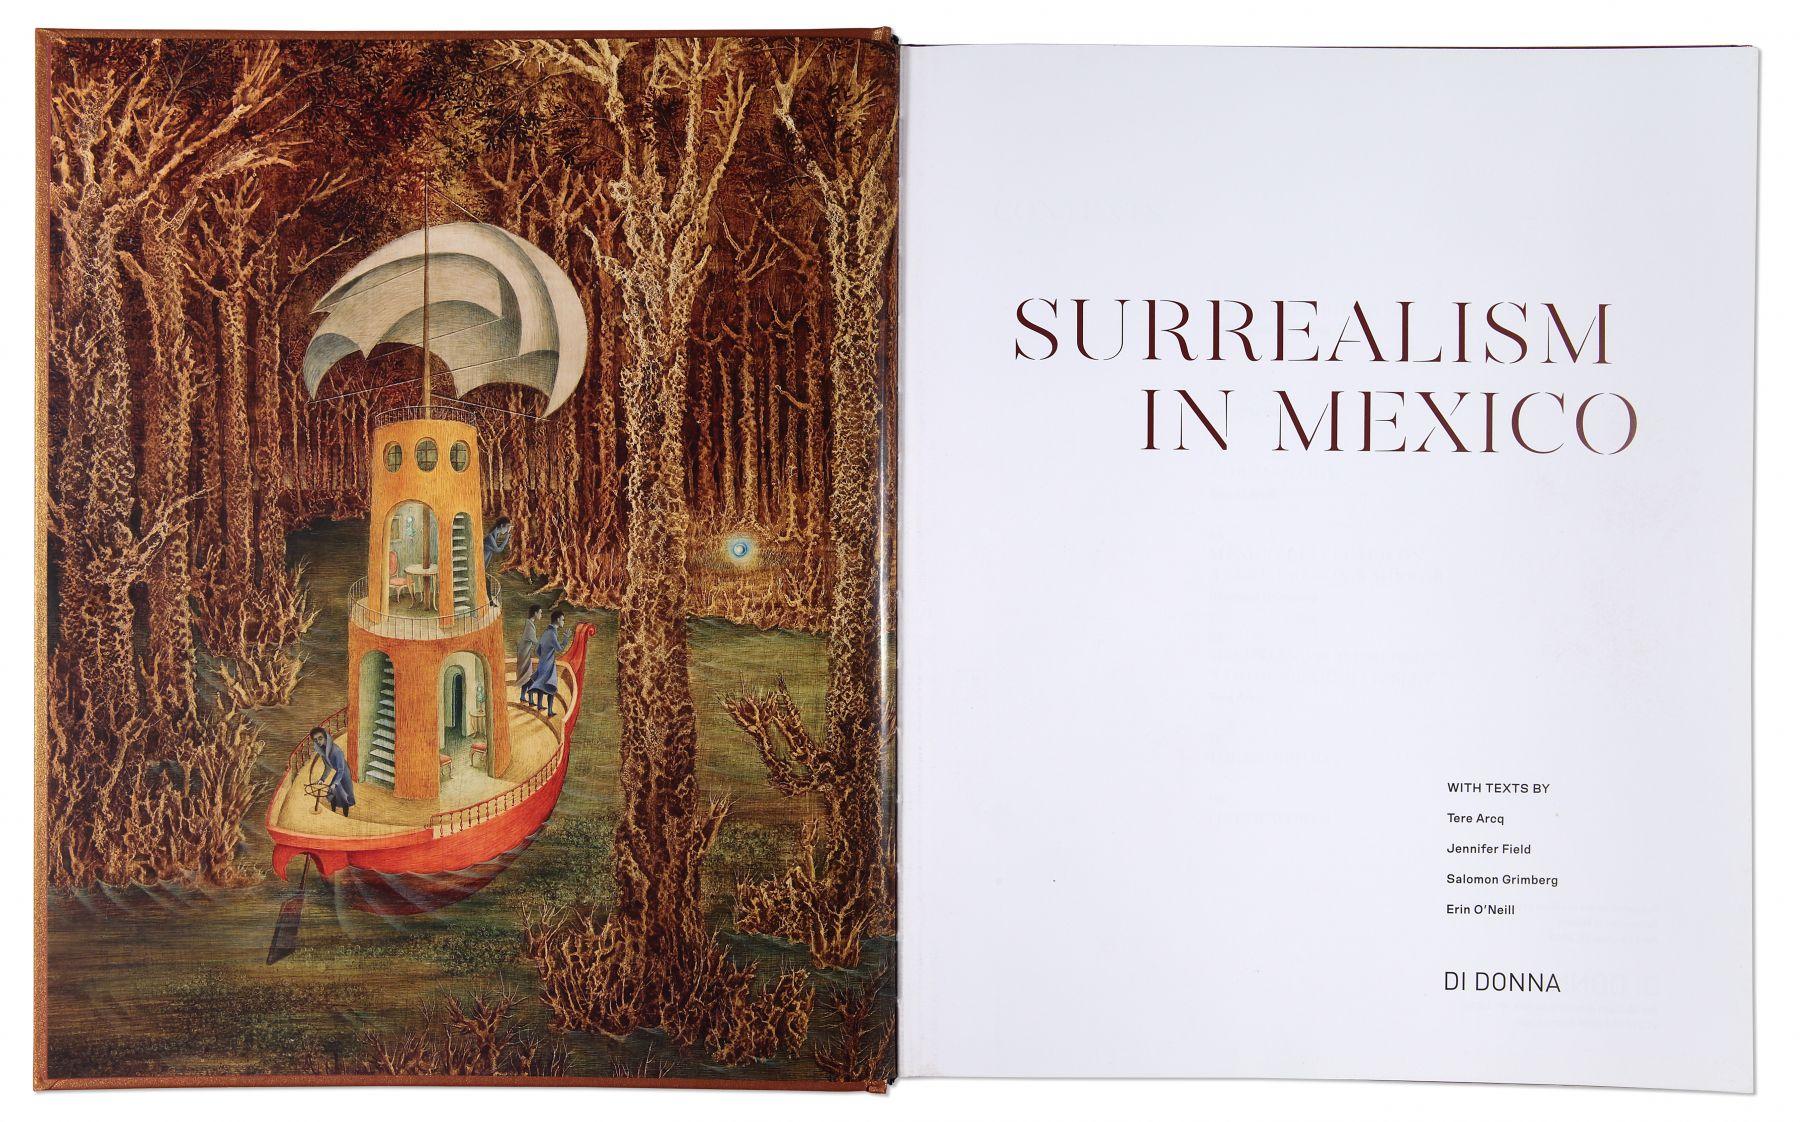 Surrealism in Mexico Interior Book Image #1